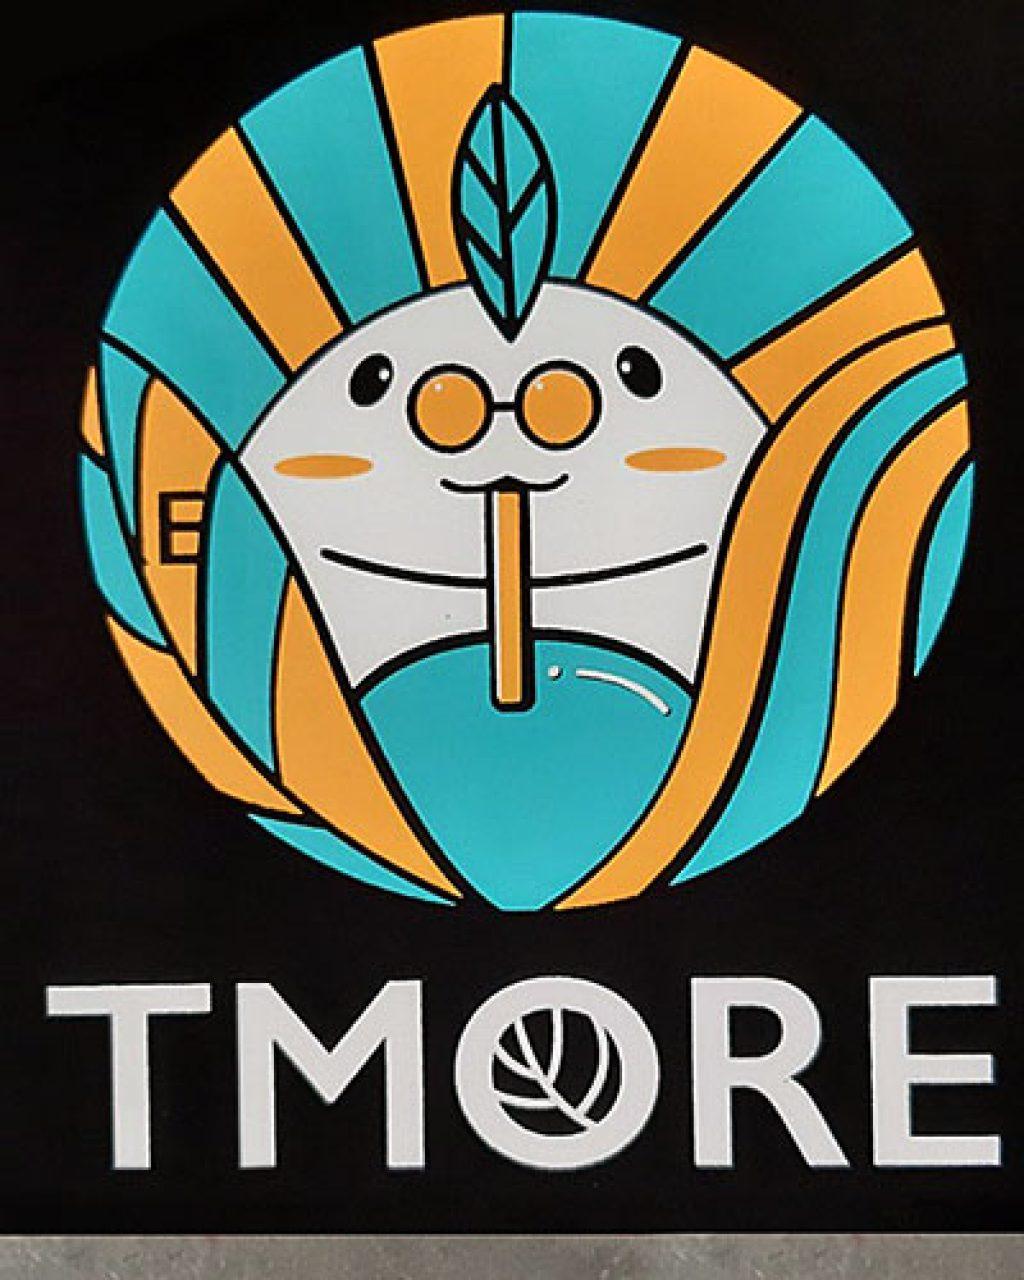 In lụa áo đồng phục Tmore